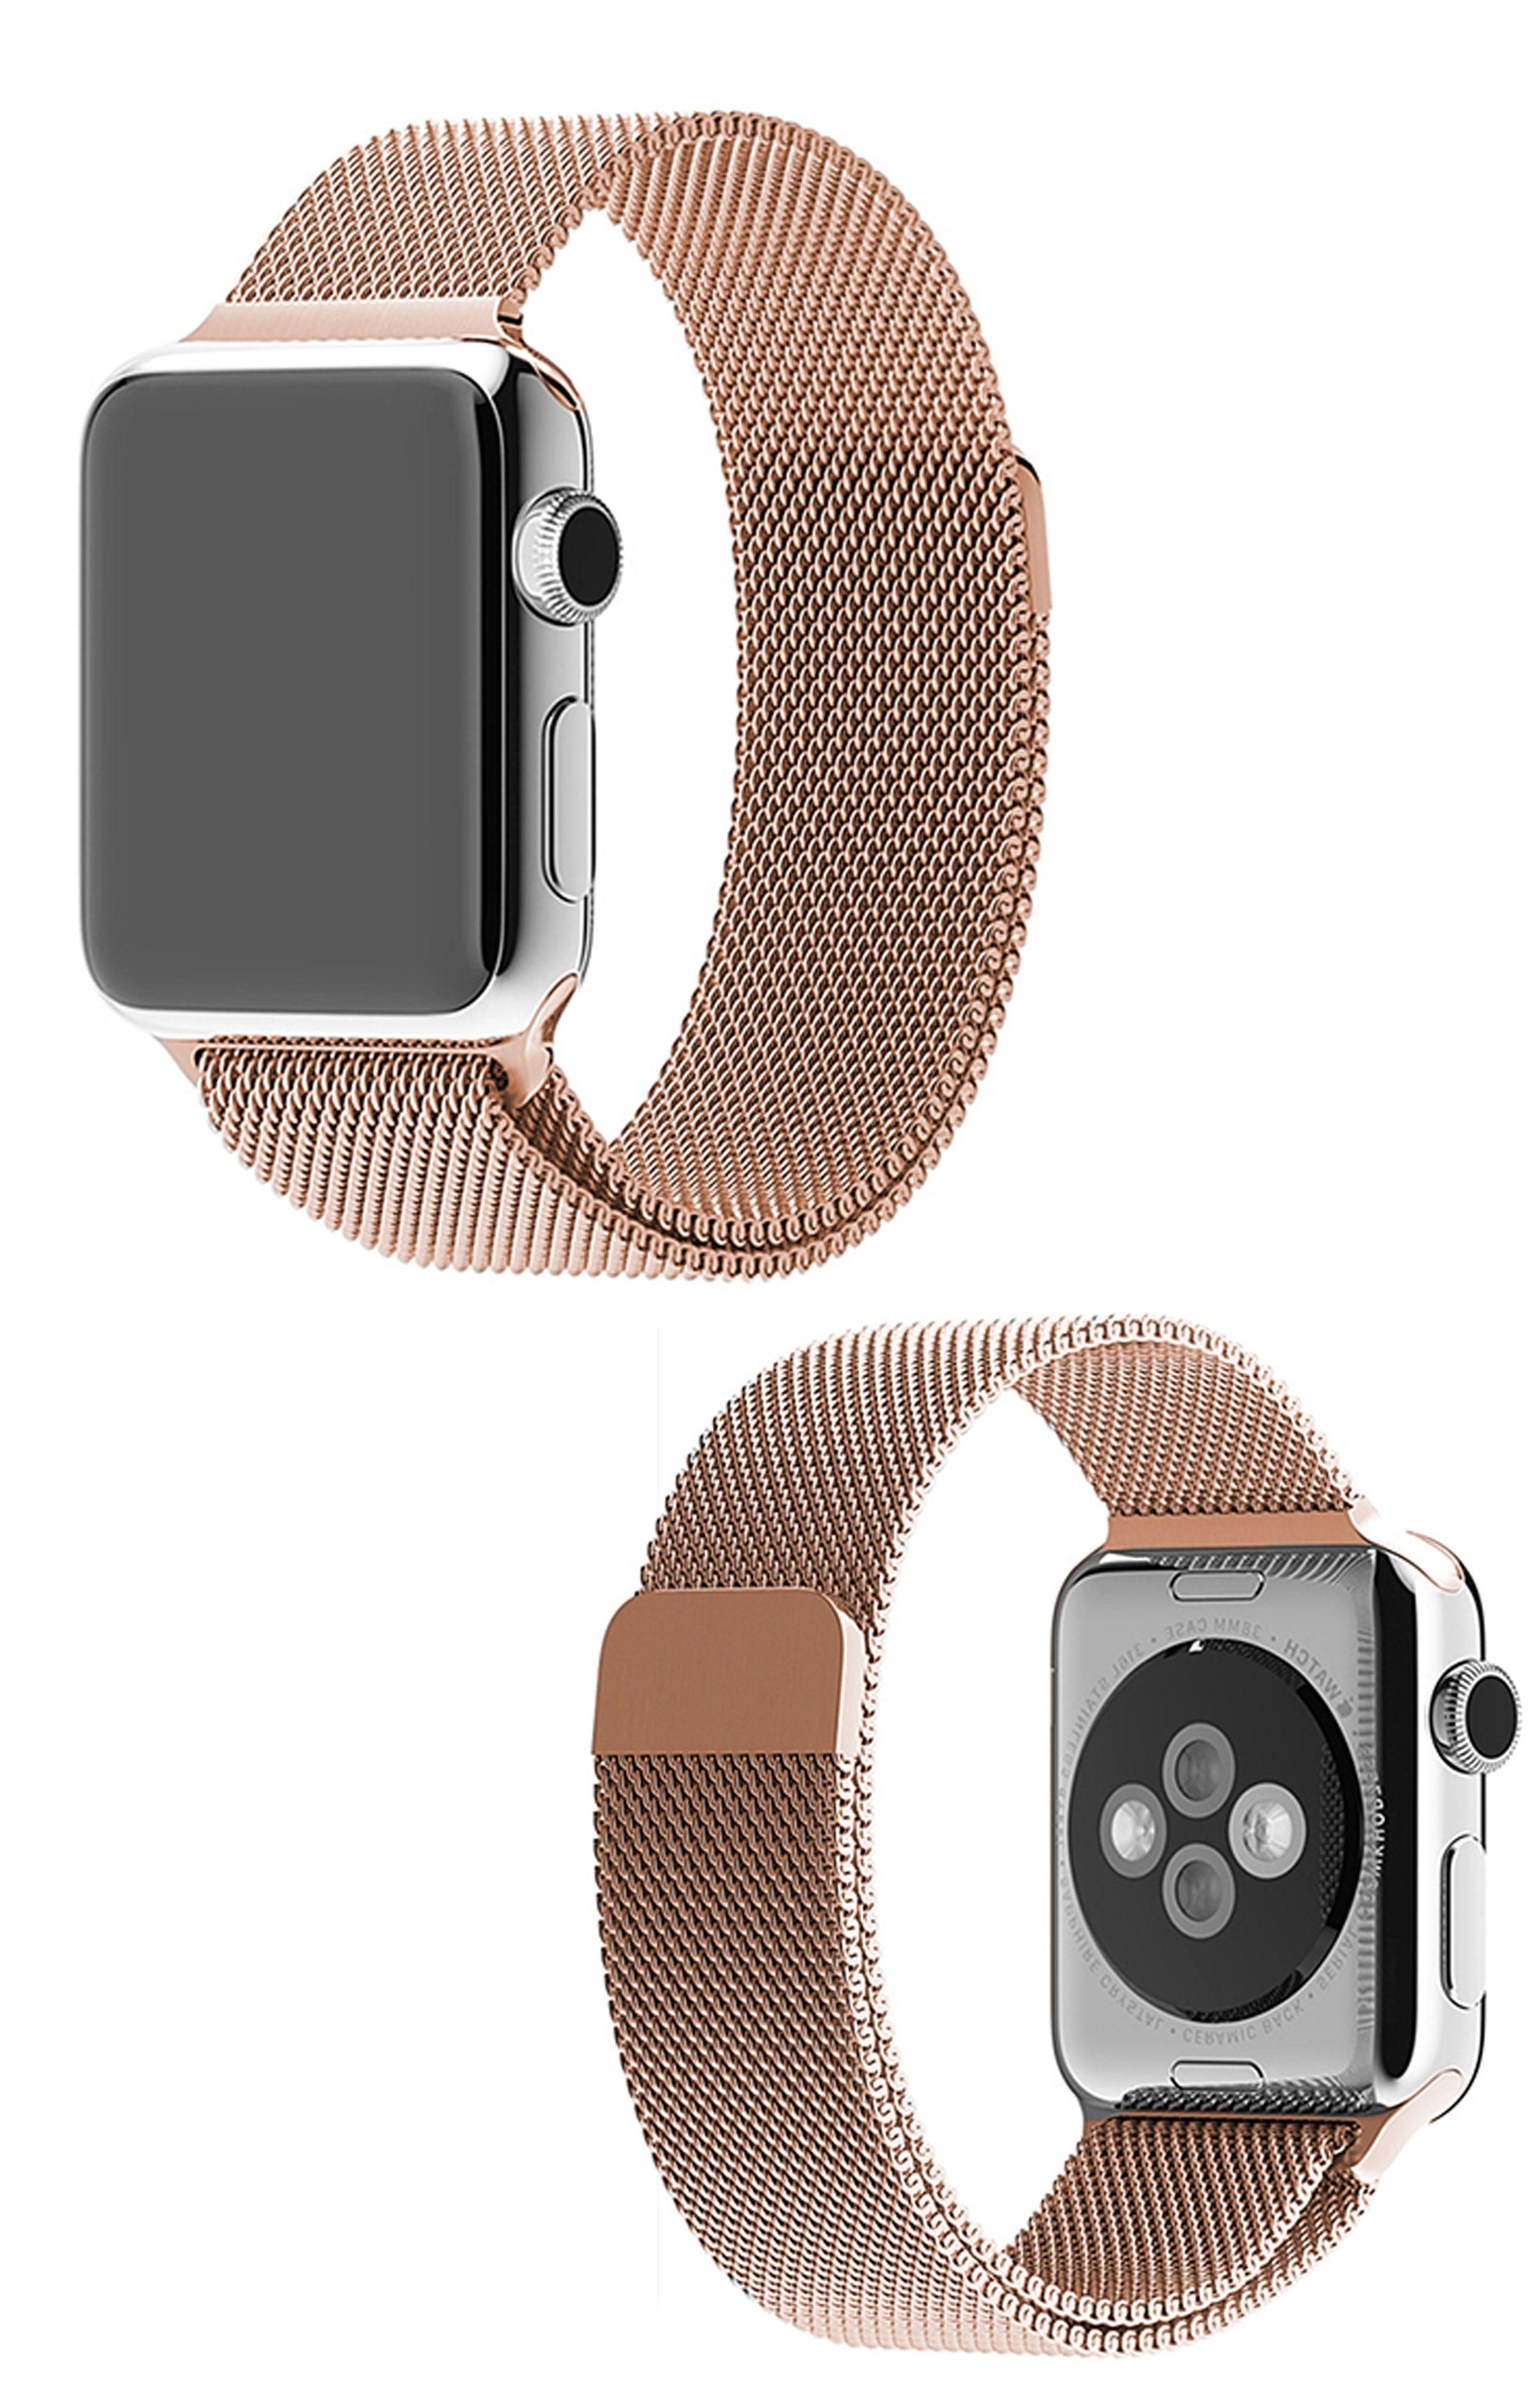 Waloo Milanese Loop Stainless Steel Apple Watch Band Apple Watch Fashion Rose Gold Apple Watch Apple Watch